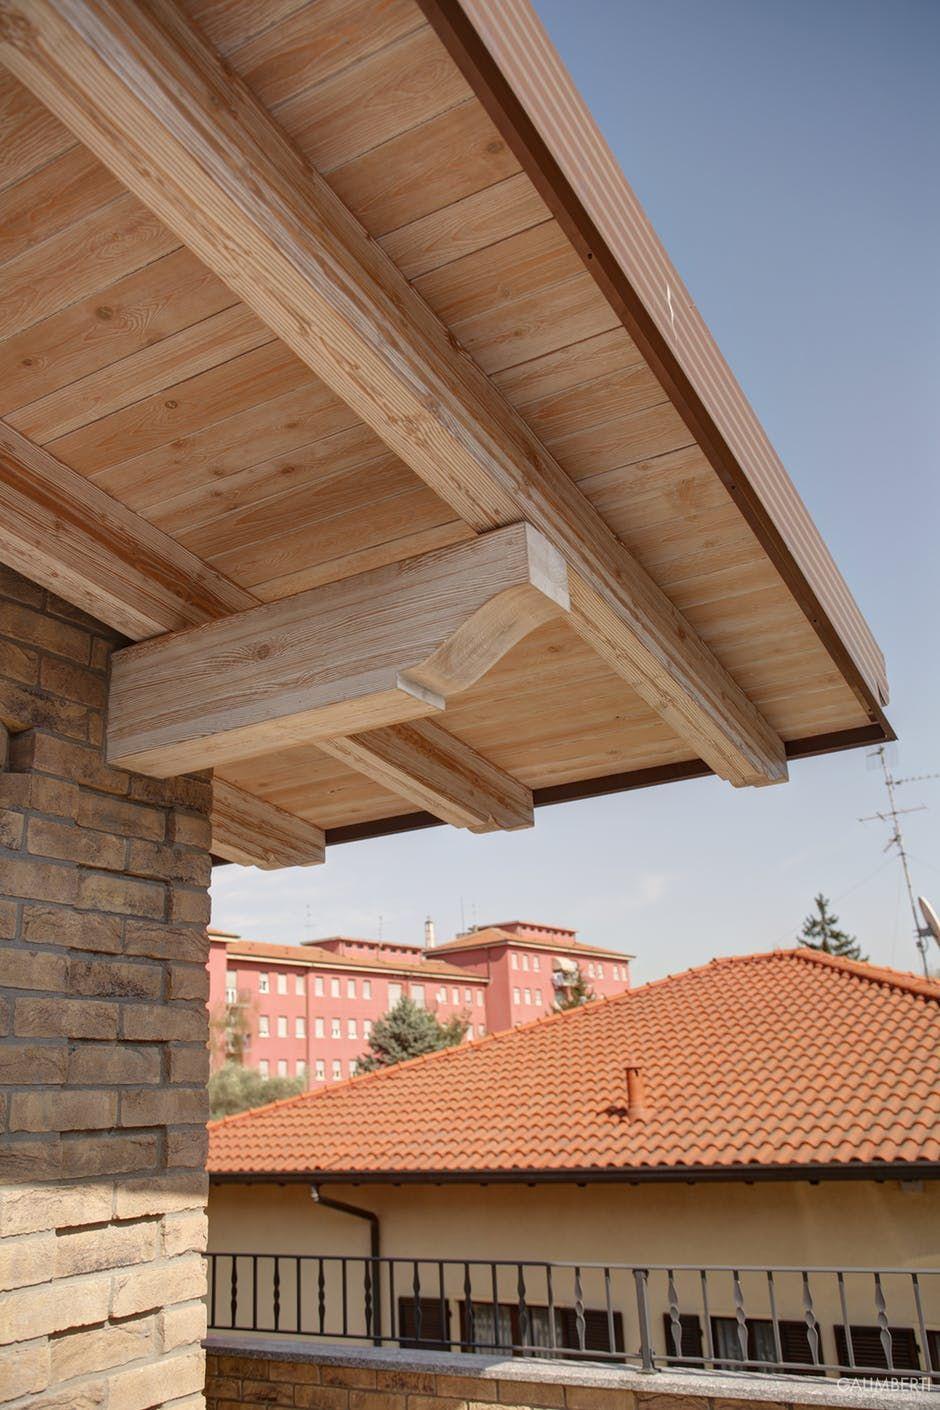 tetto in legno con travetti a vista decapati di bianco